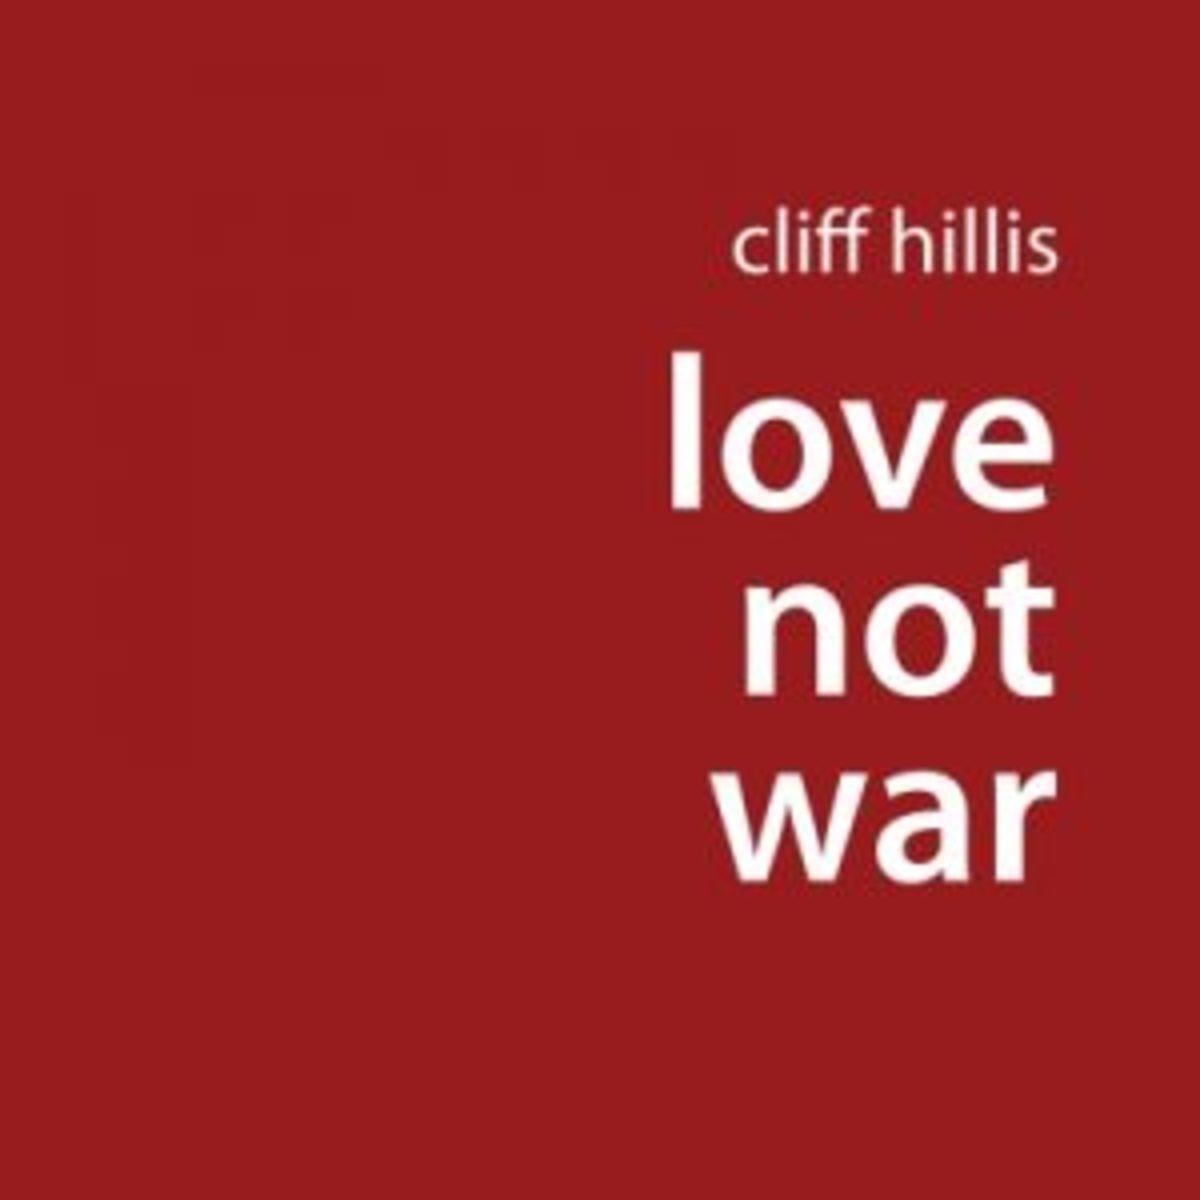 HILLIS CLIFF